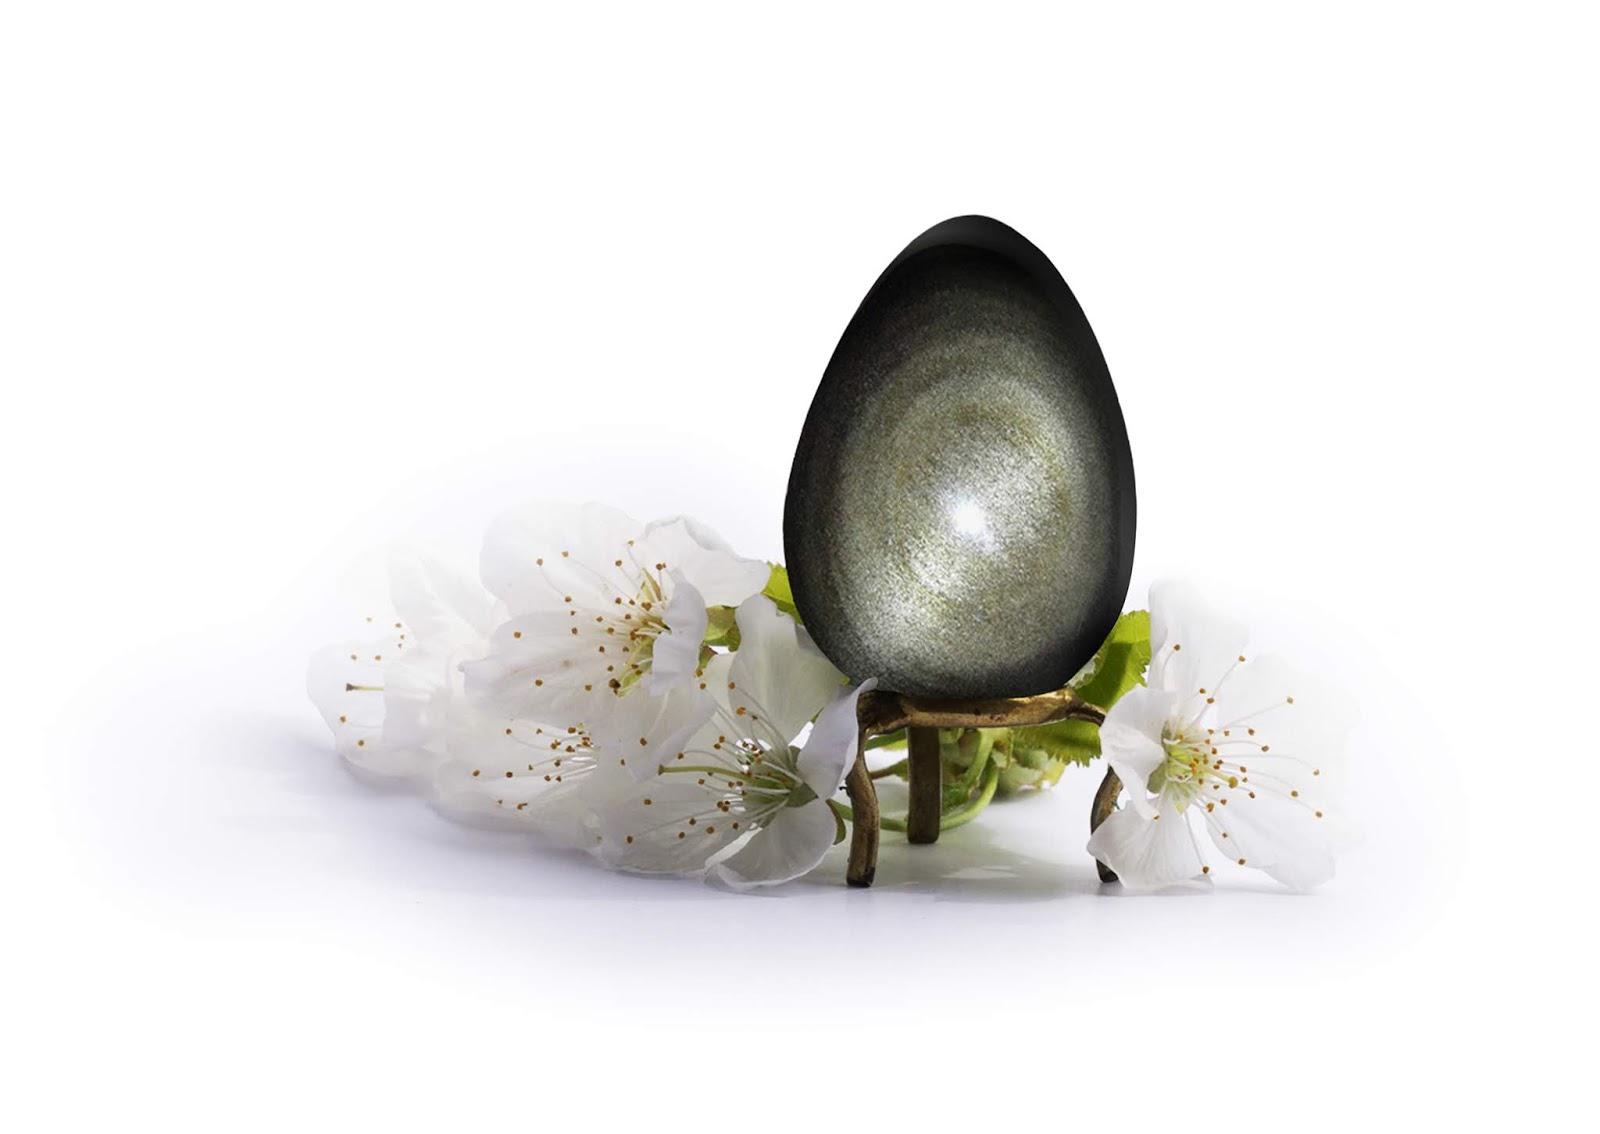 oeuf de yoni en obsidienne dorée